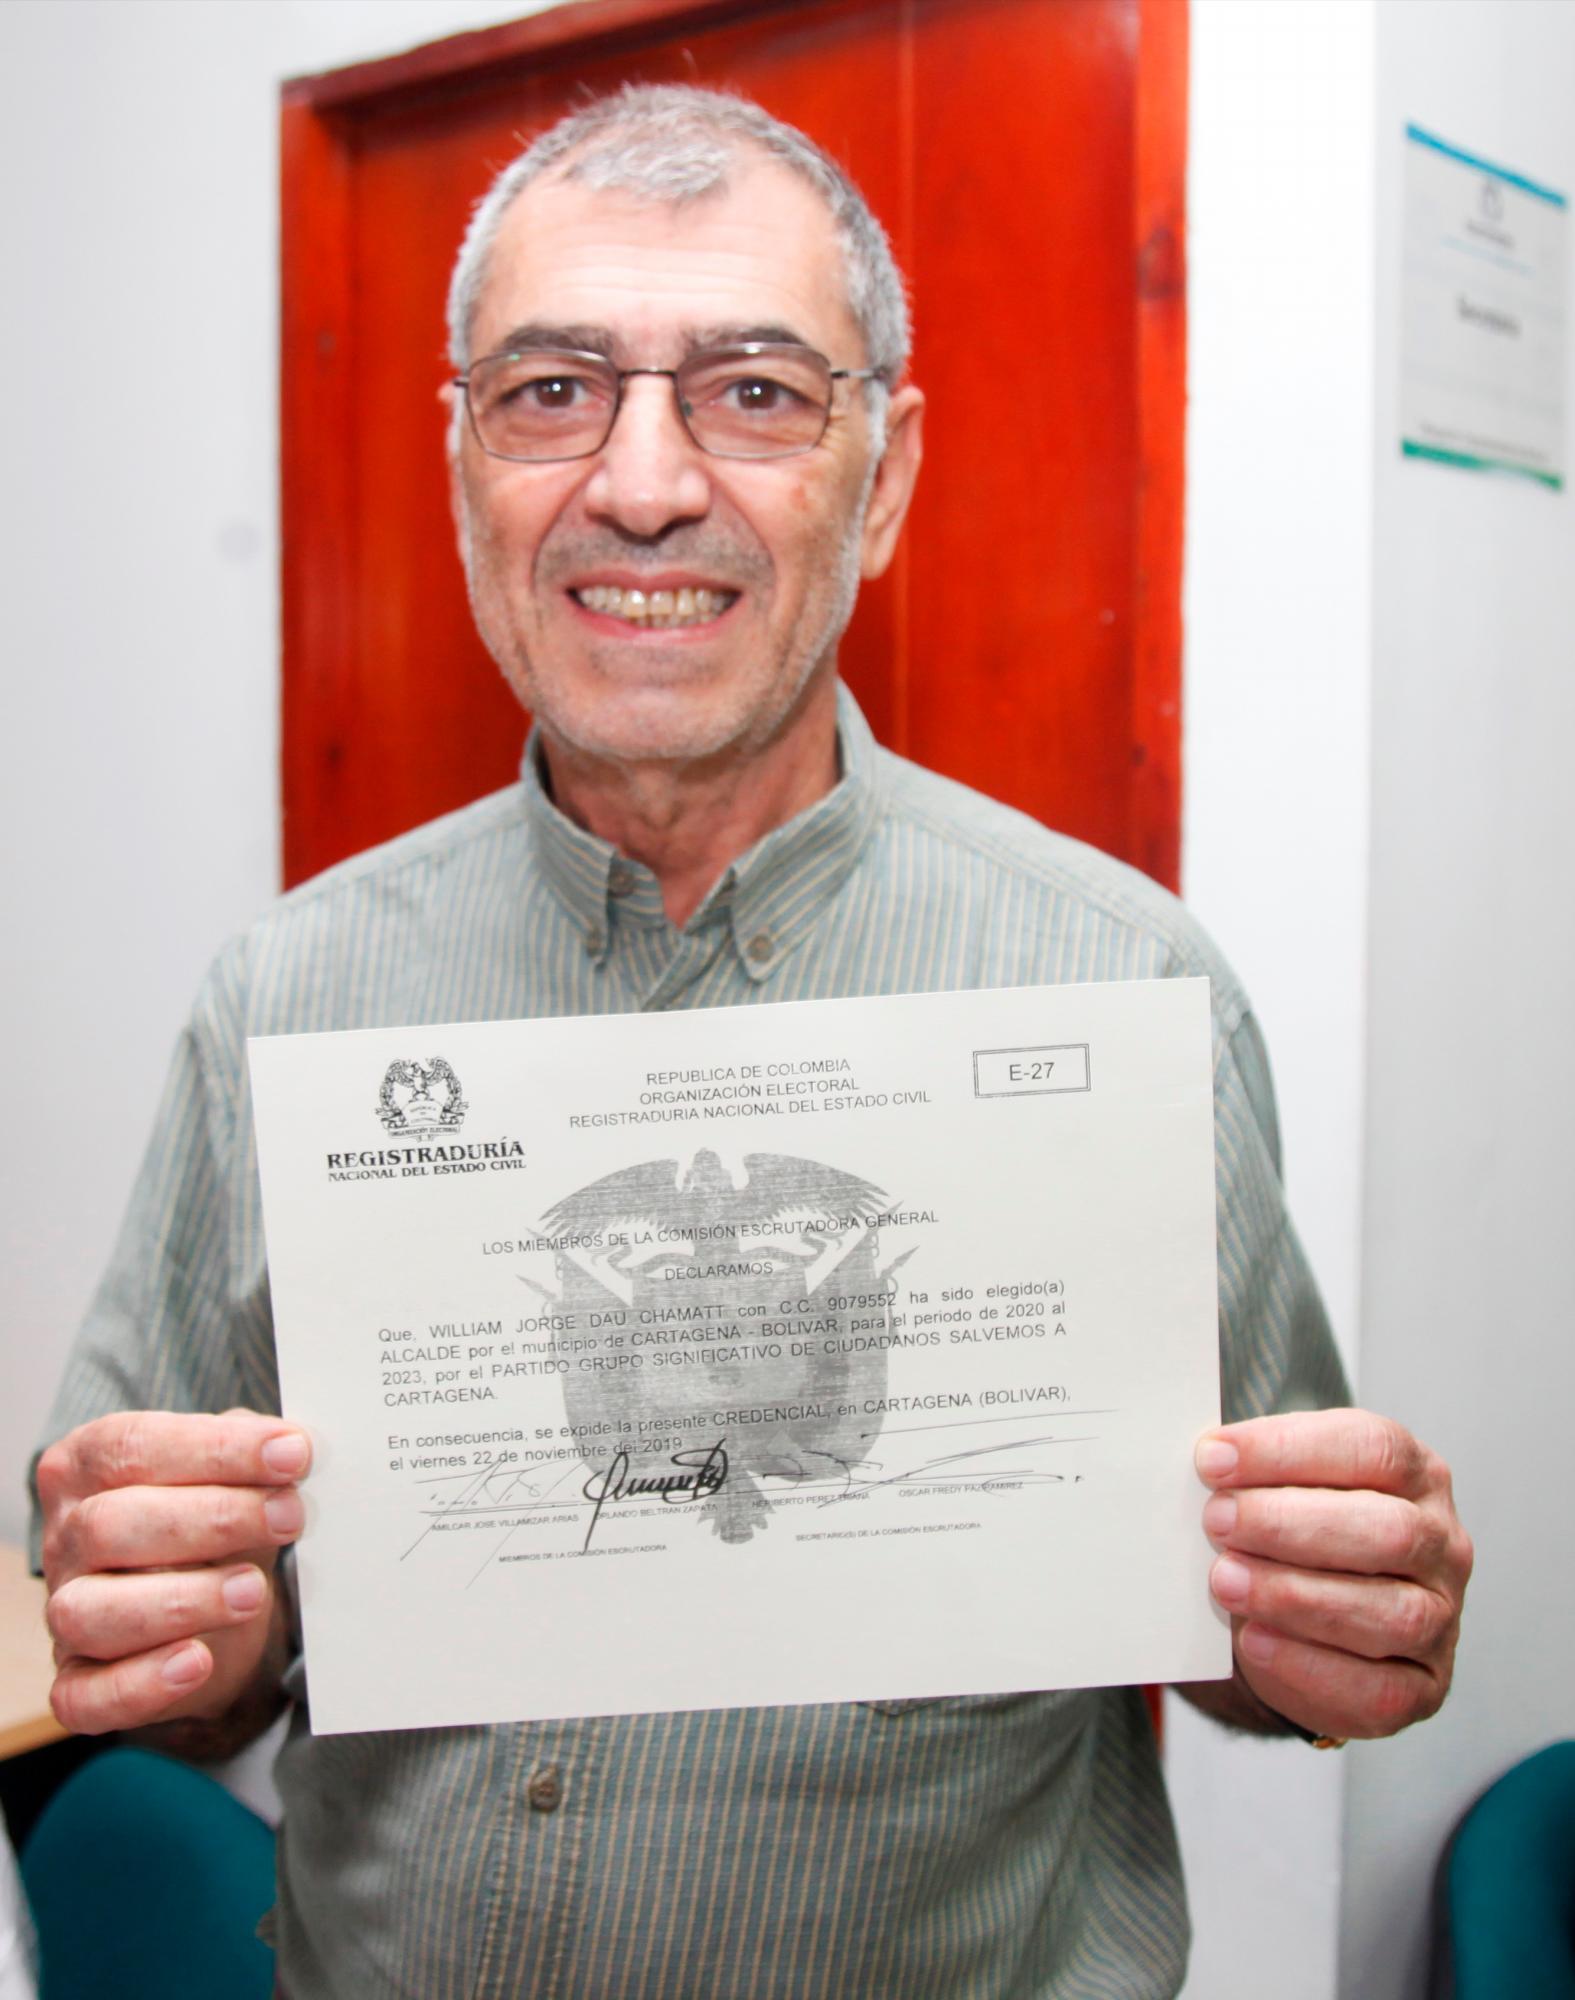 Luego de un mes de las elecciones y tras regresar de su viaje por España y Bogotá, en donde se estaba capacitando, ayer William Dau recibió la credencial que lo acredita como alcalde electo de Cartagena. //Foto: Aroldo Mestre - El universal.